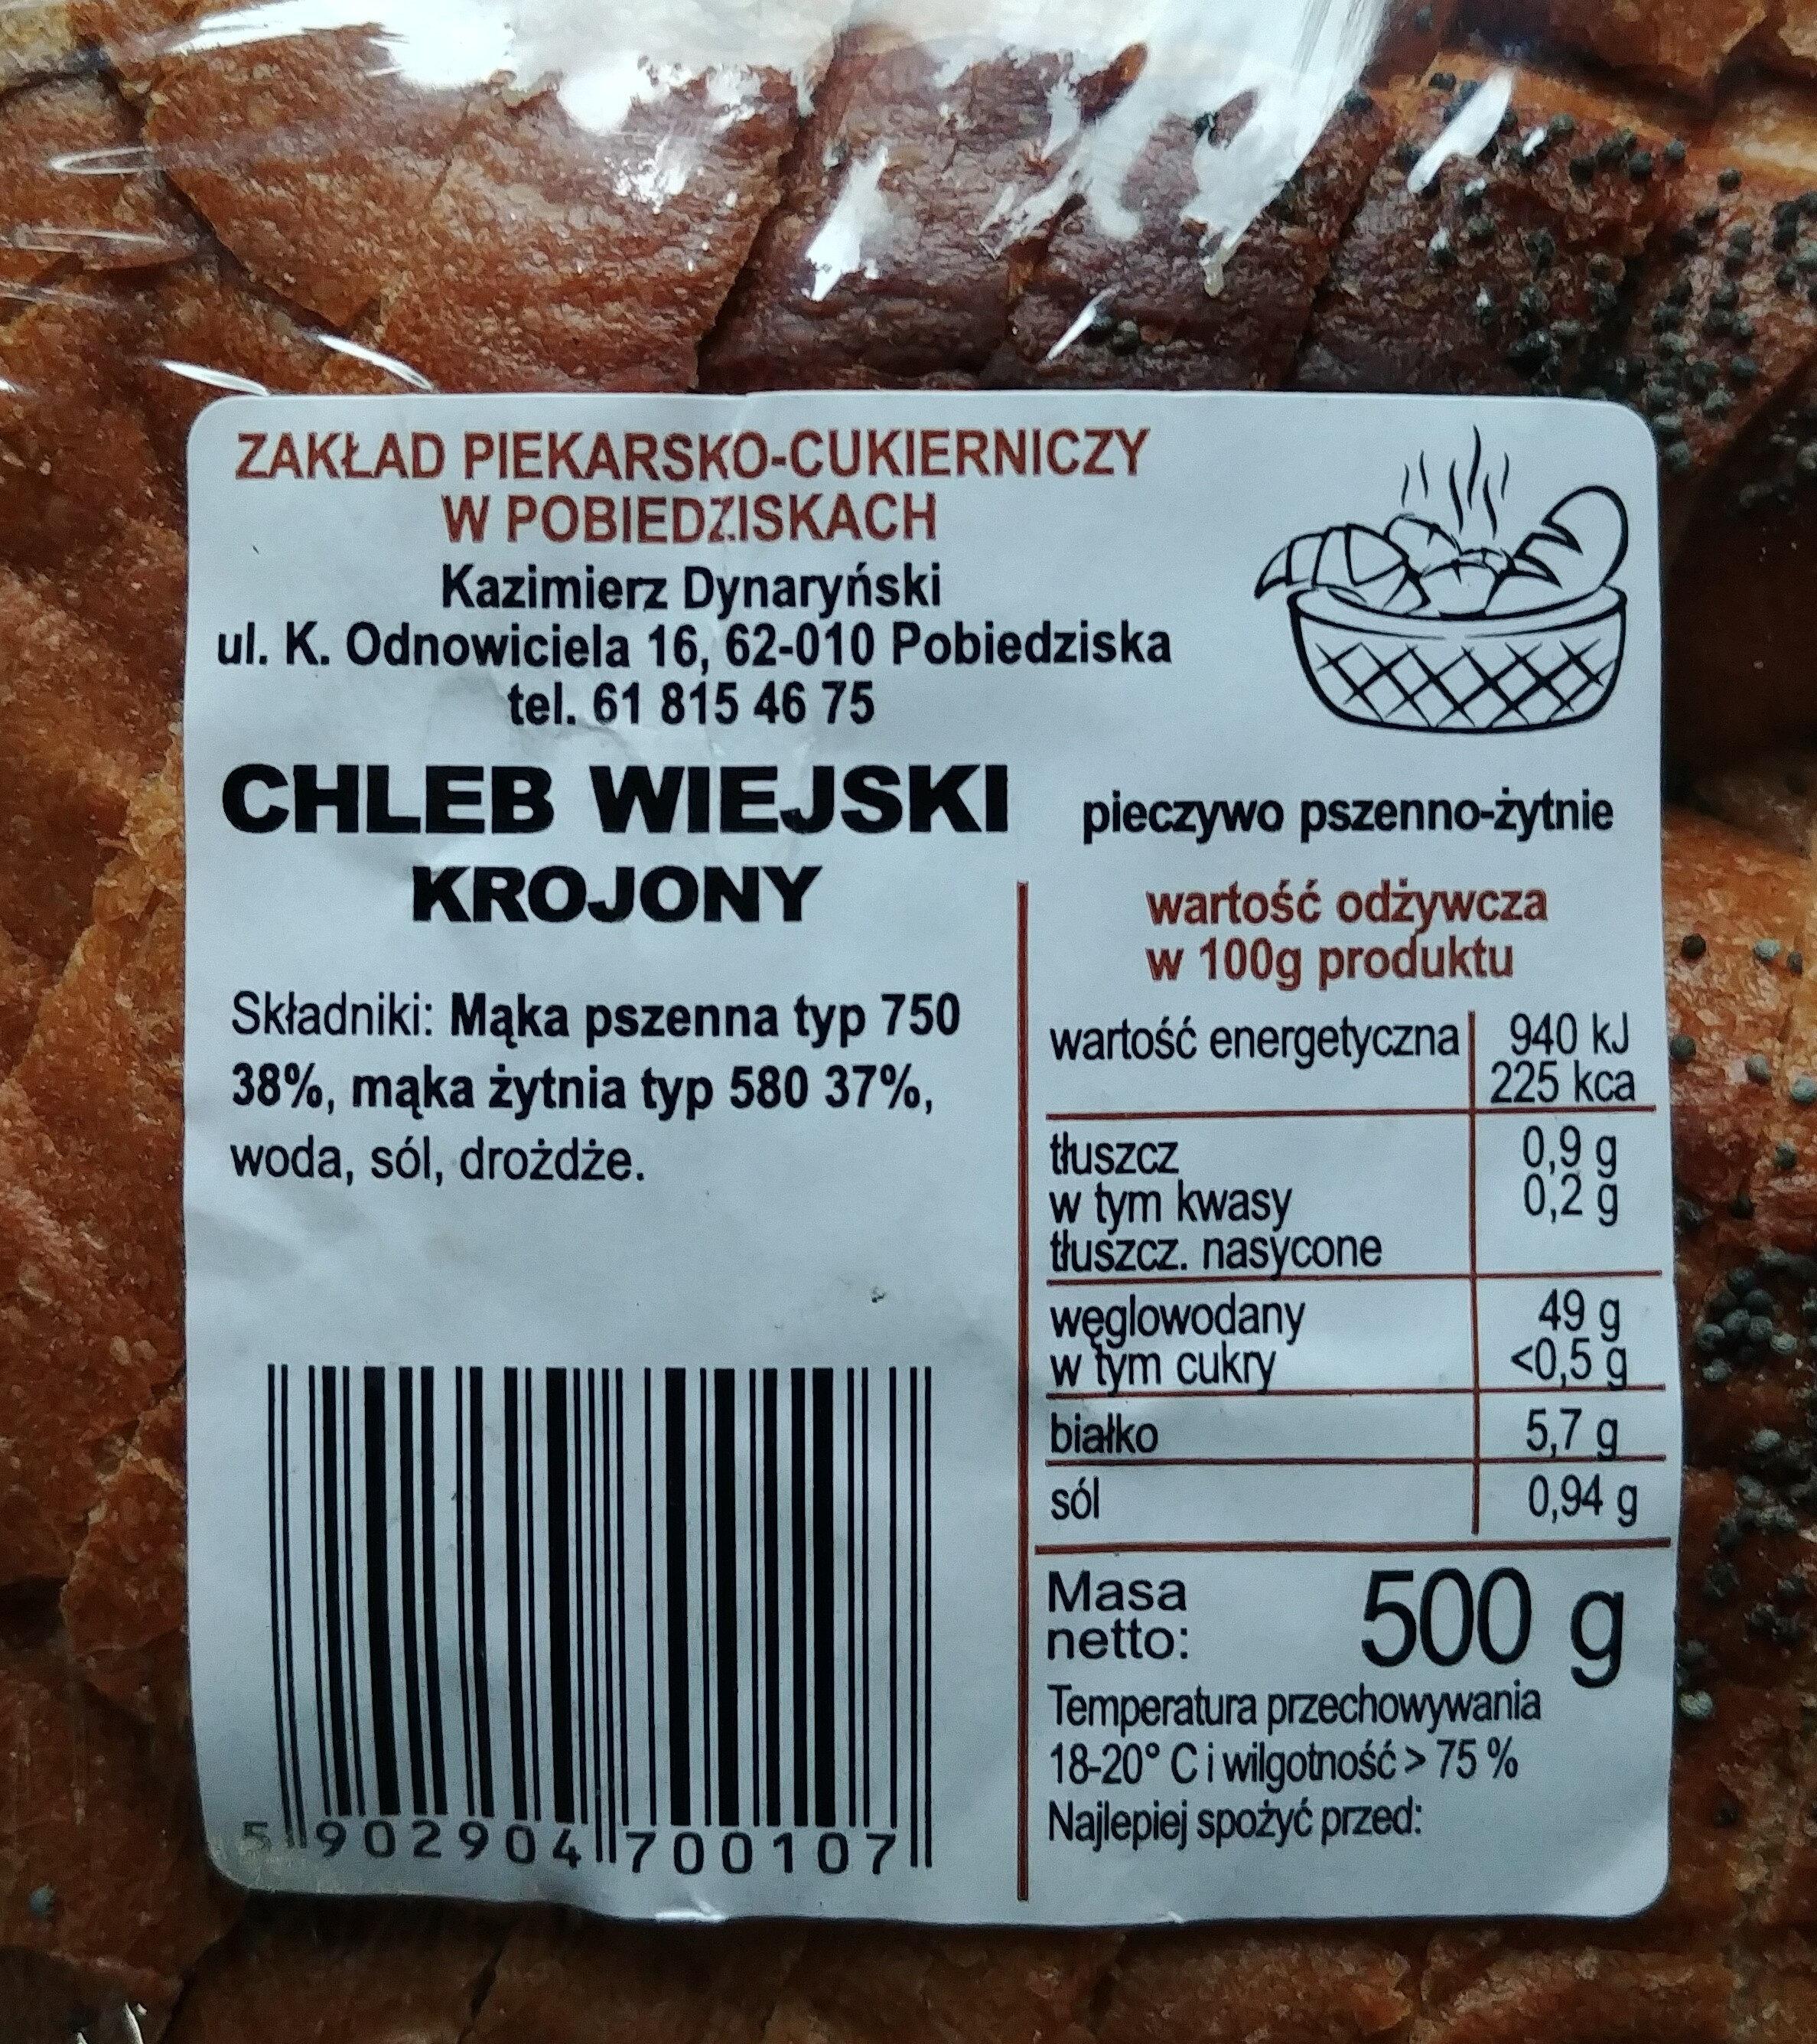 Chleb wiejski krojony - Produkt